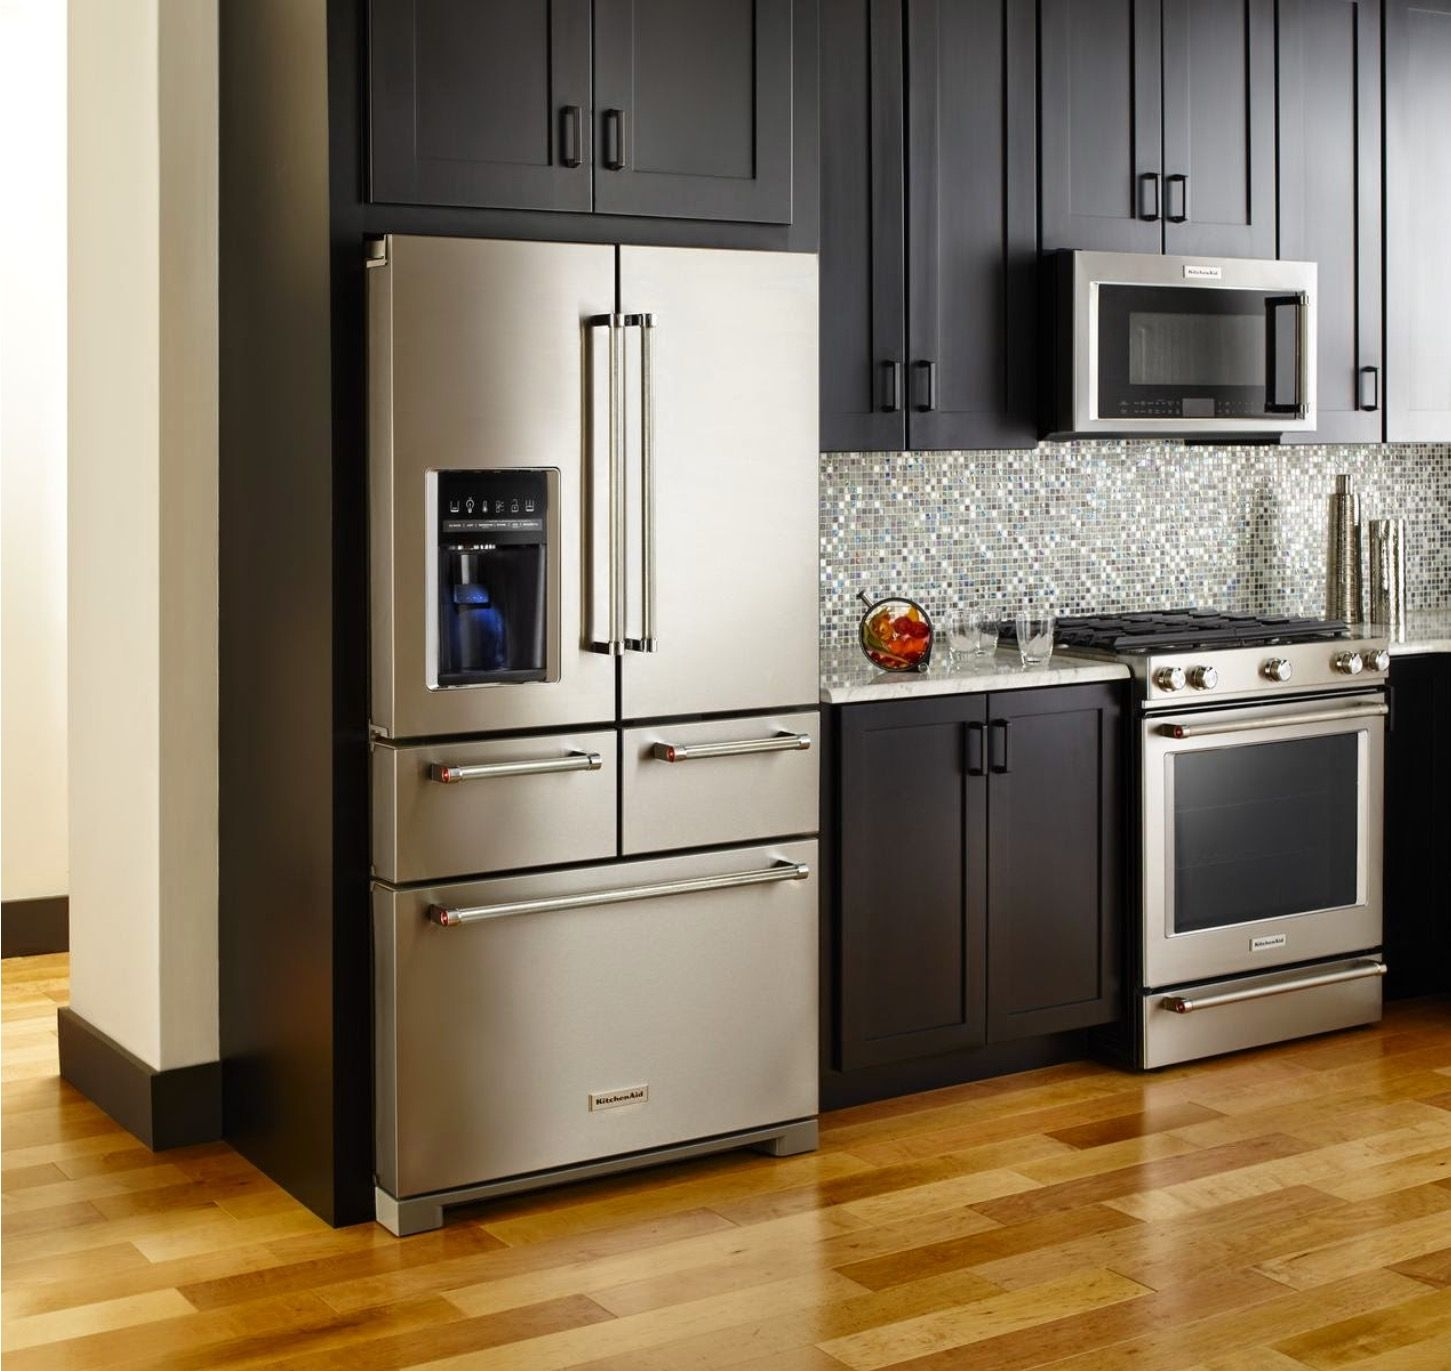 2015 Kitchenaid 26 2 Cu Ft 36 Inch Width 5 Door Standard Depth French Door Refrigera Cocinas De Casa Cocinas Para Espacios Pequenos Diseno De Cocina Moderna